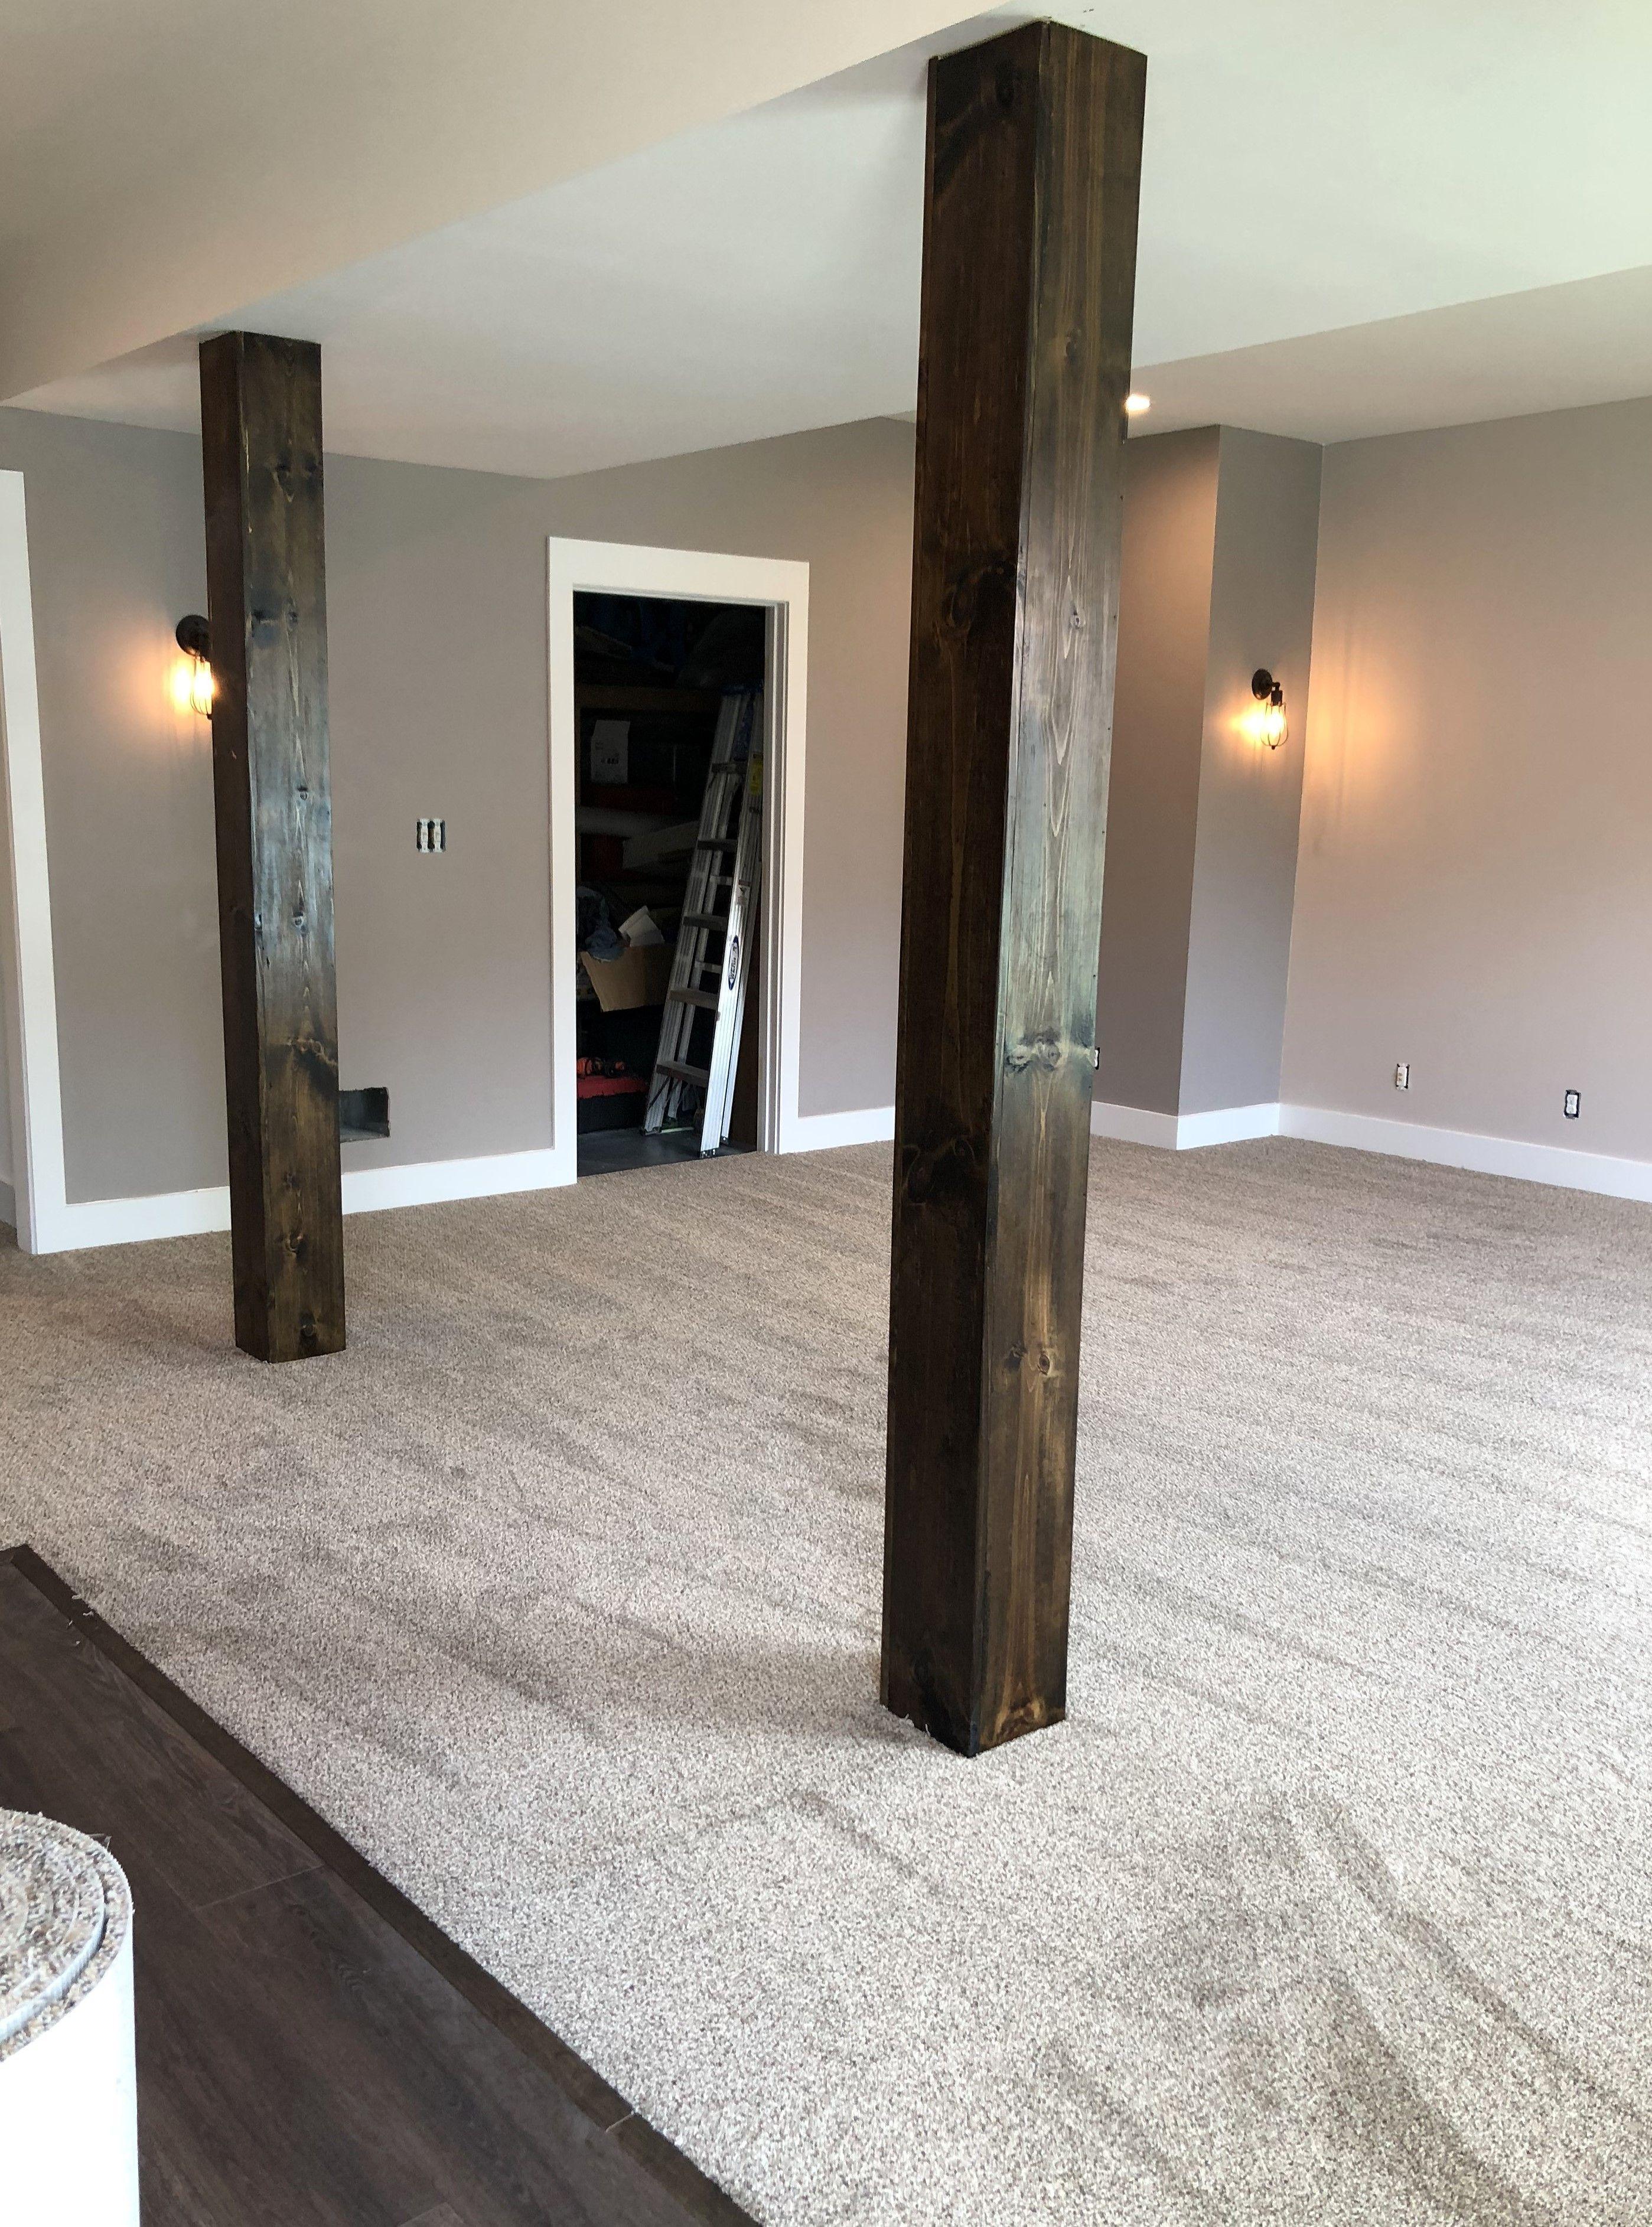 Louisville Hardwood Flooring Store Laminate Floors Waterproof Luxury Vinyl Flooring Carpet Laminate Hardwood Flooring